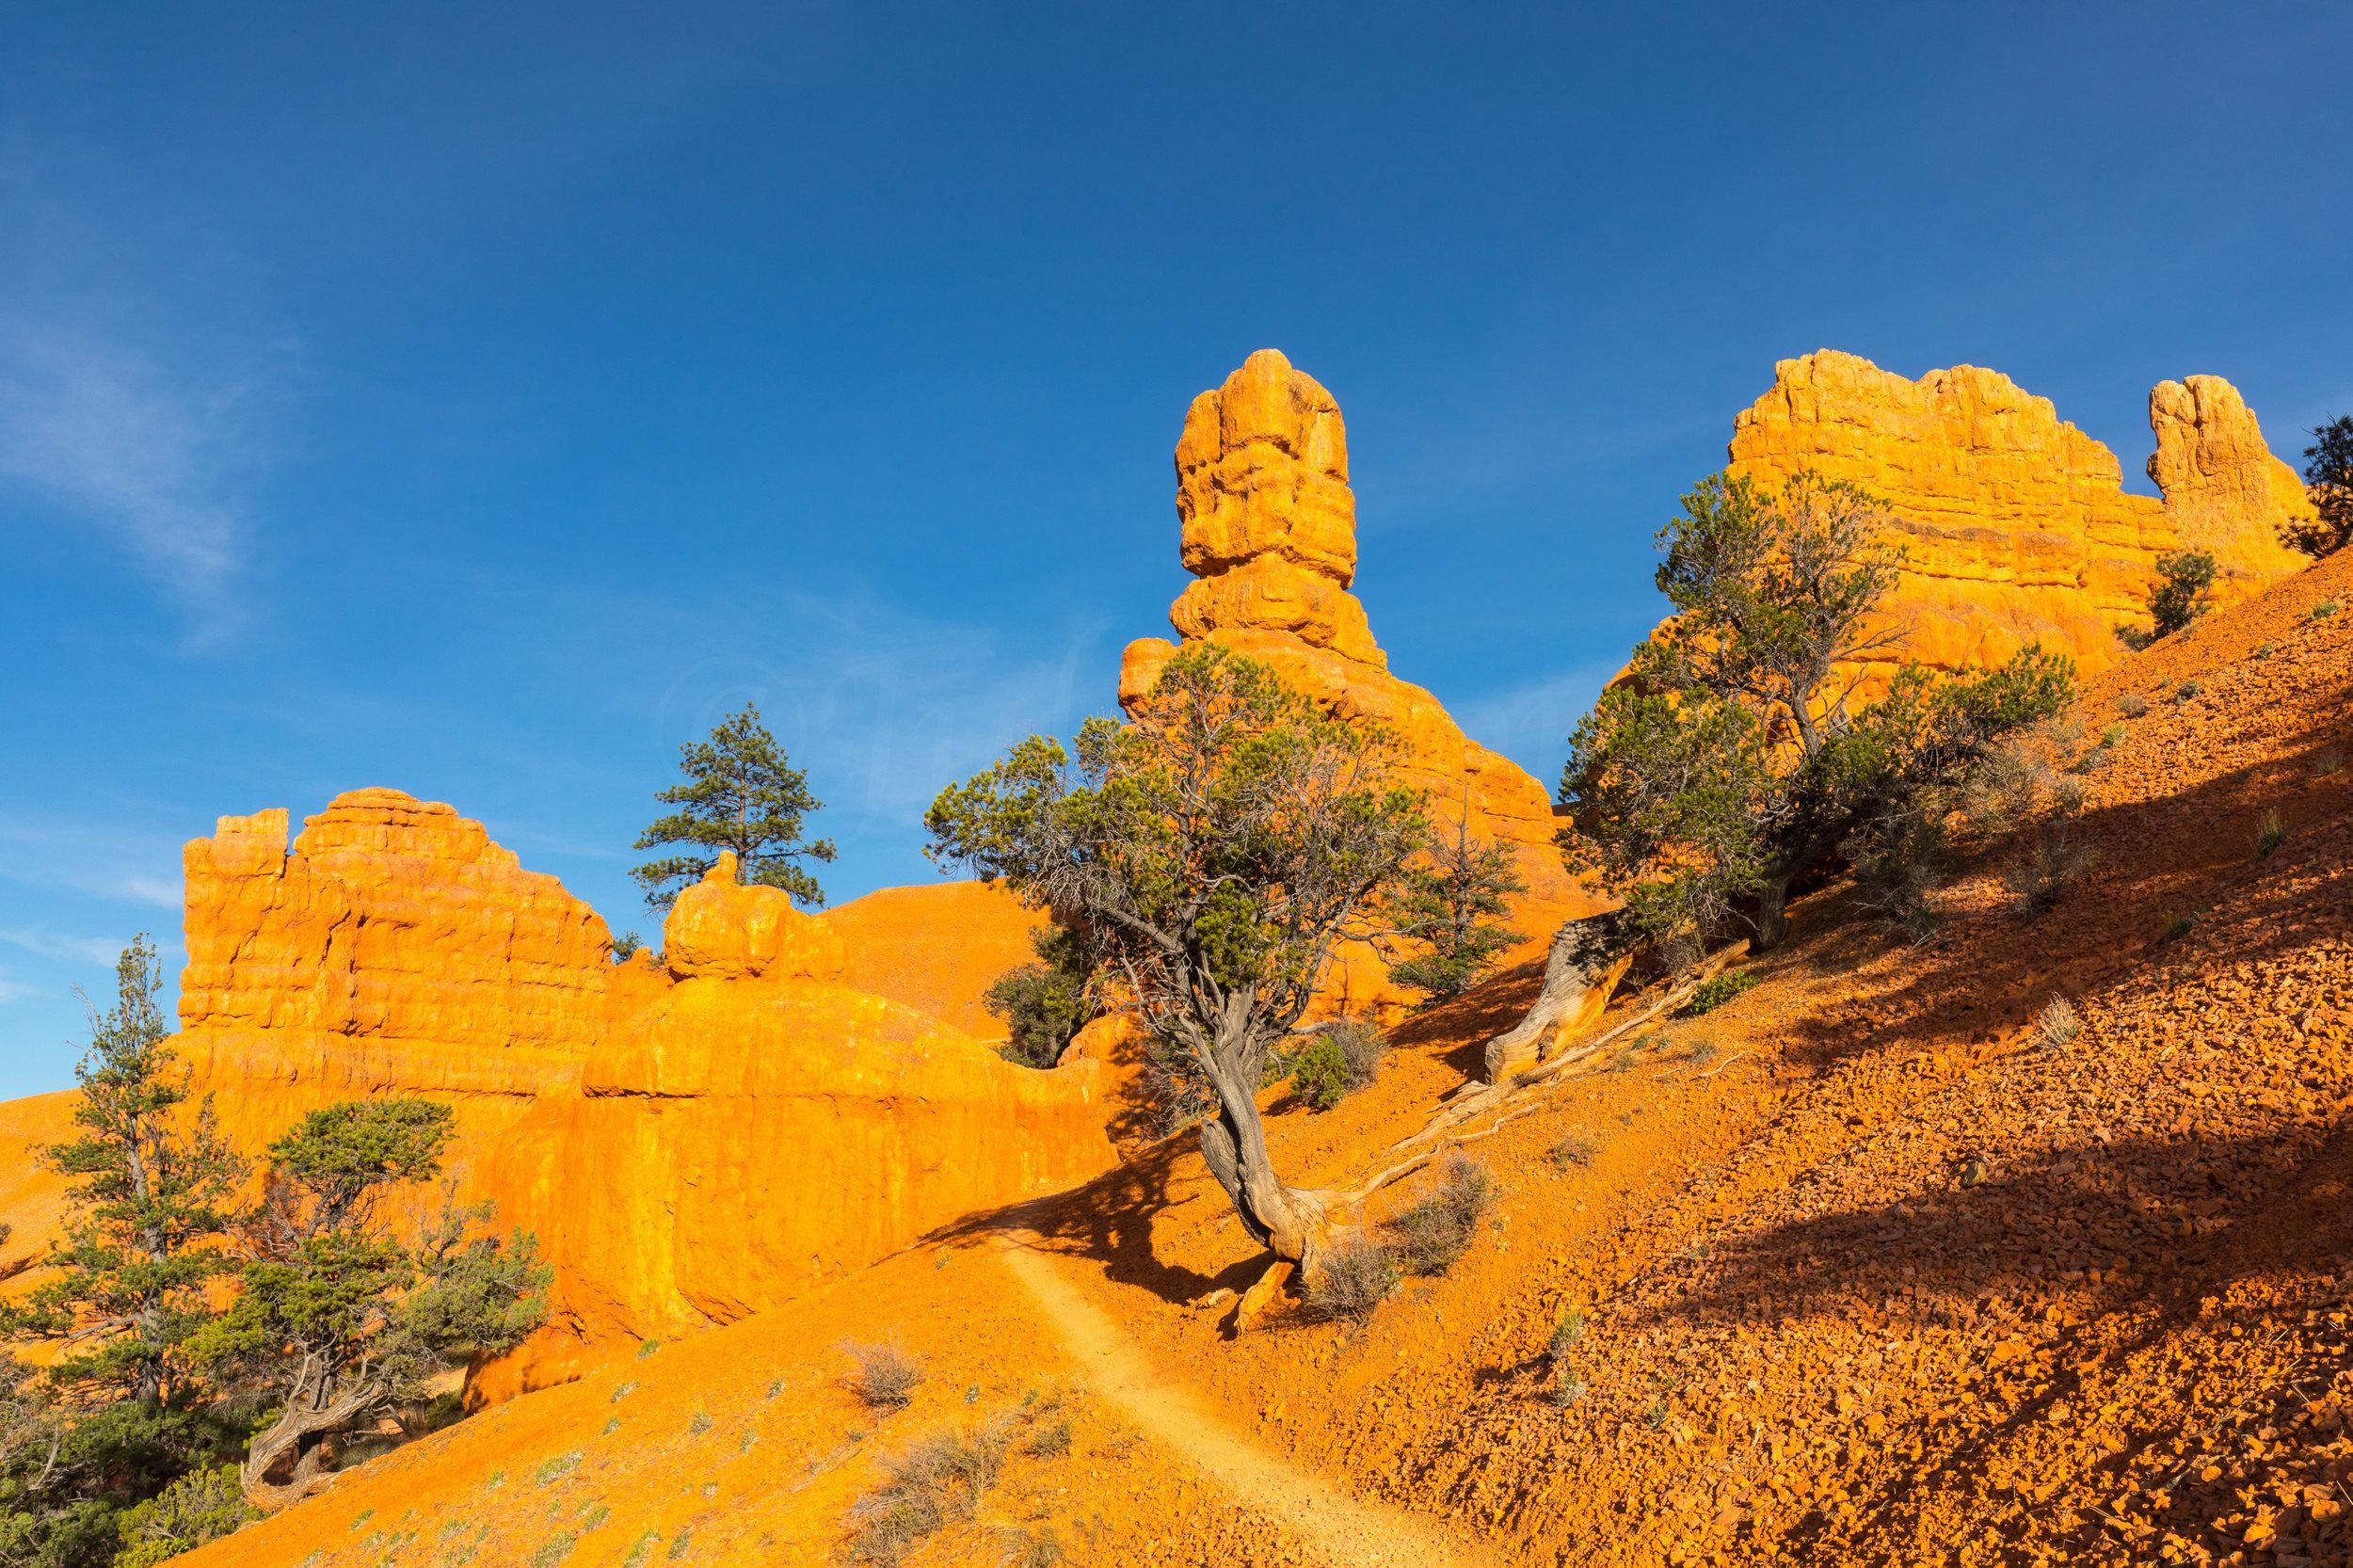 Sunrise Bryce National Park, Image # 0689